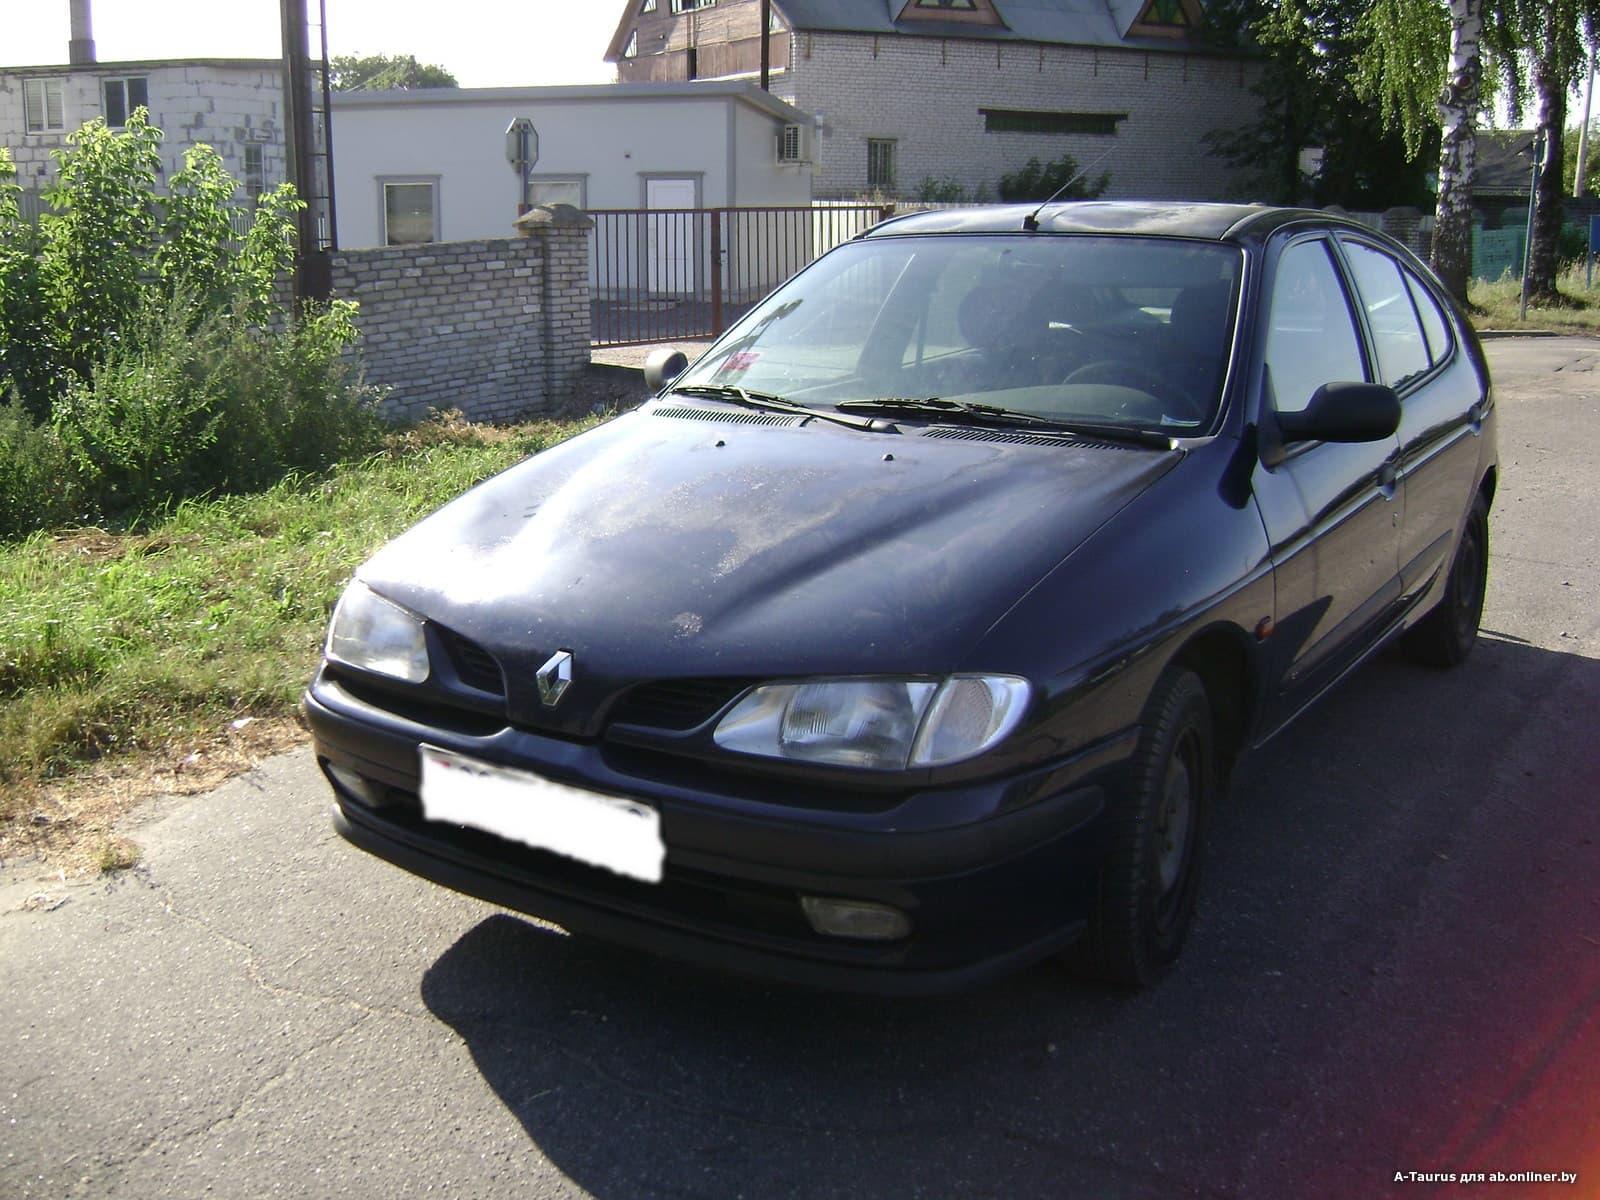 Renault Megane CL